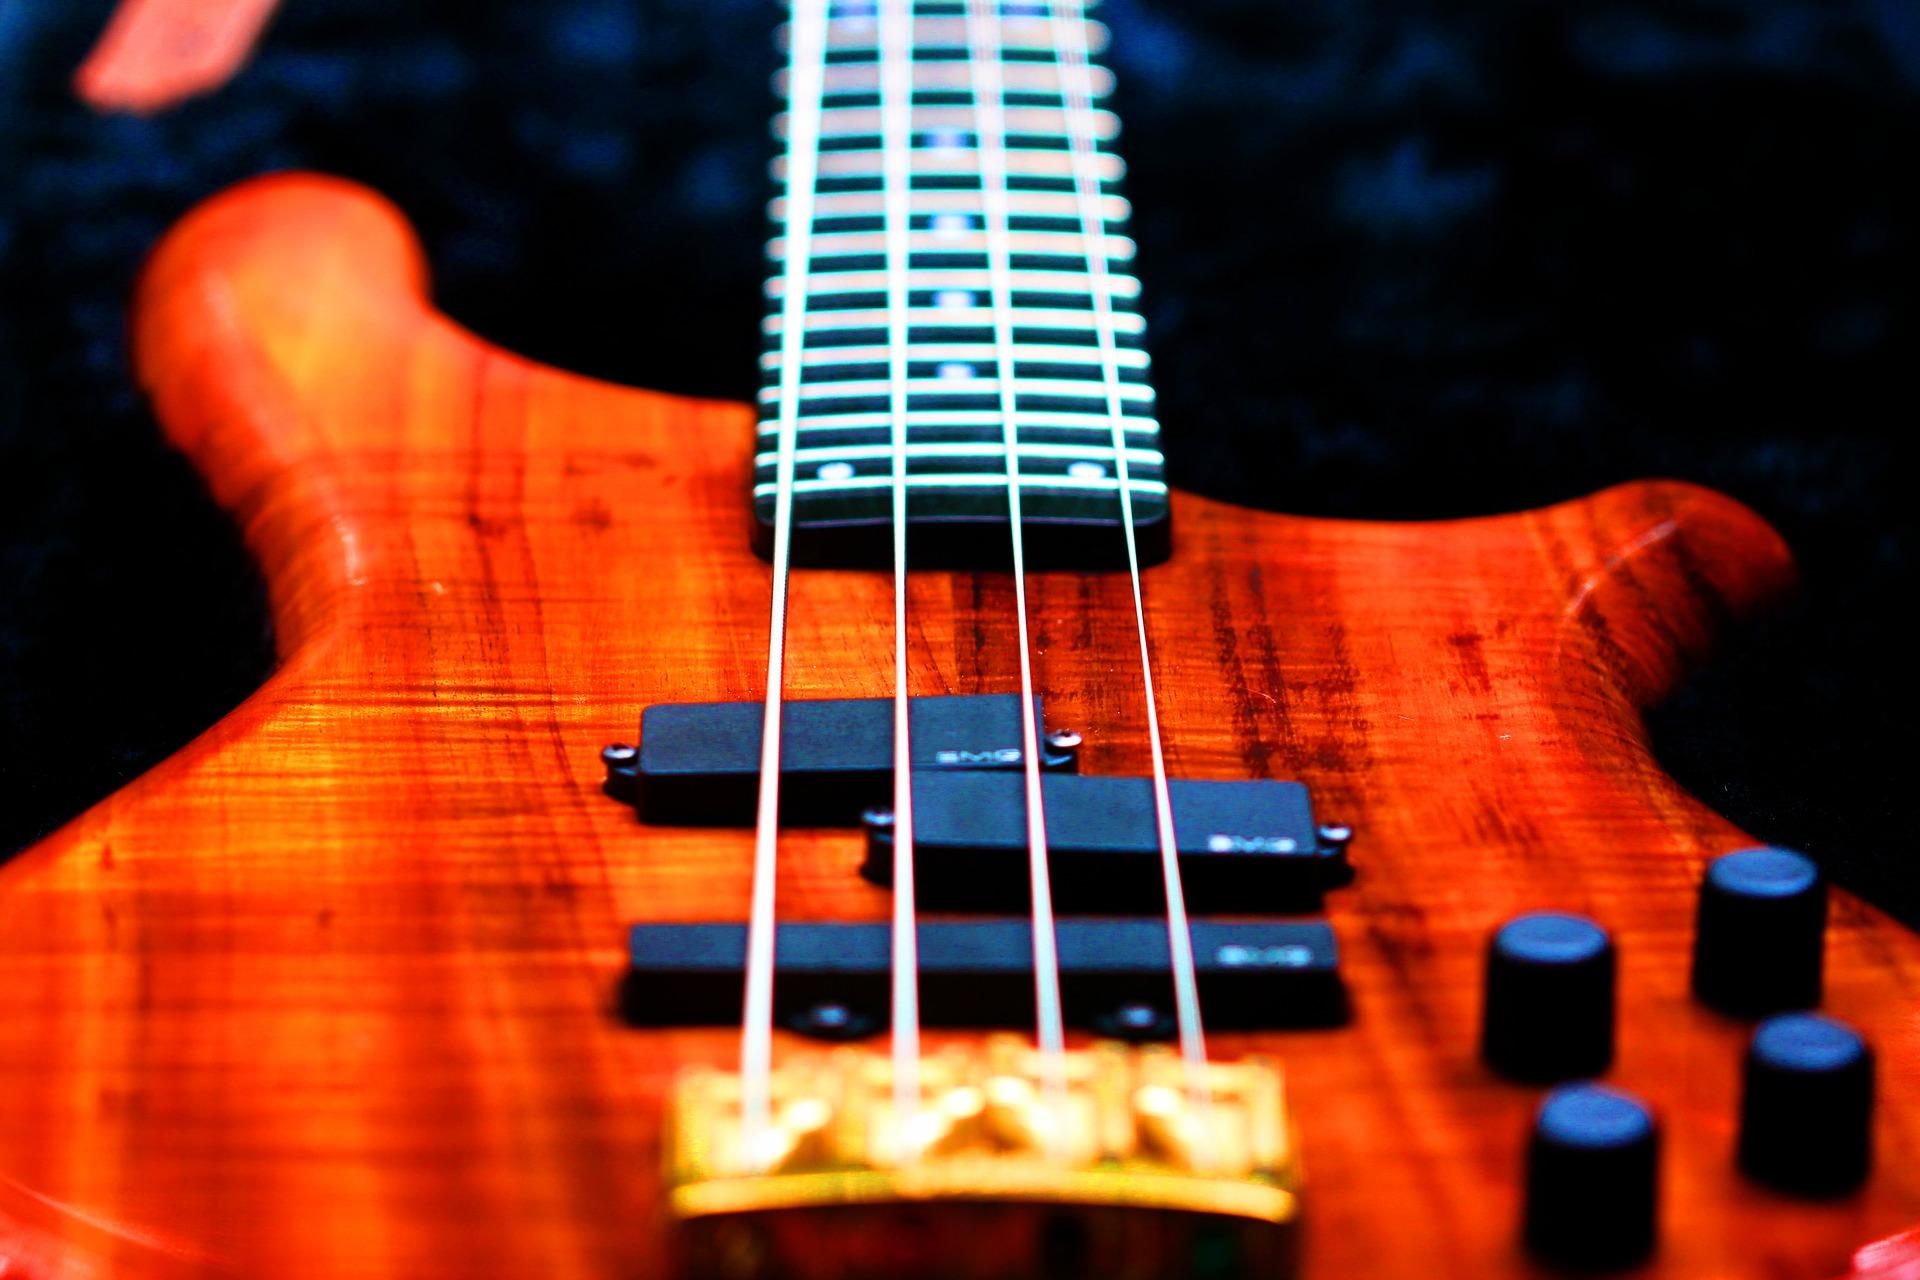 bass-776542_1920